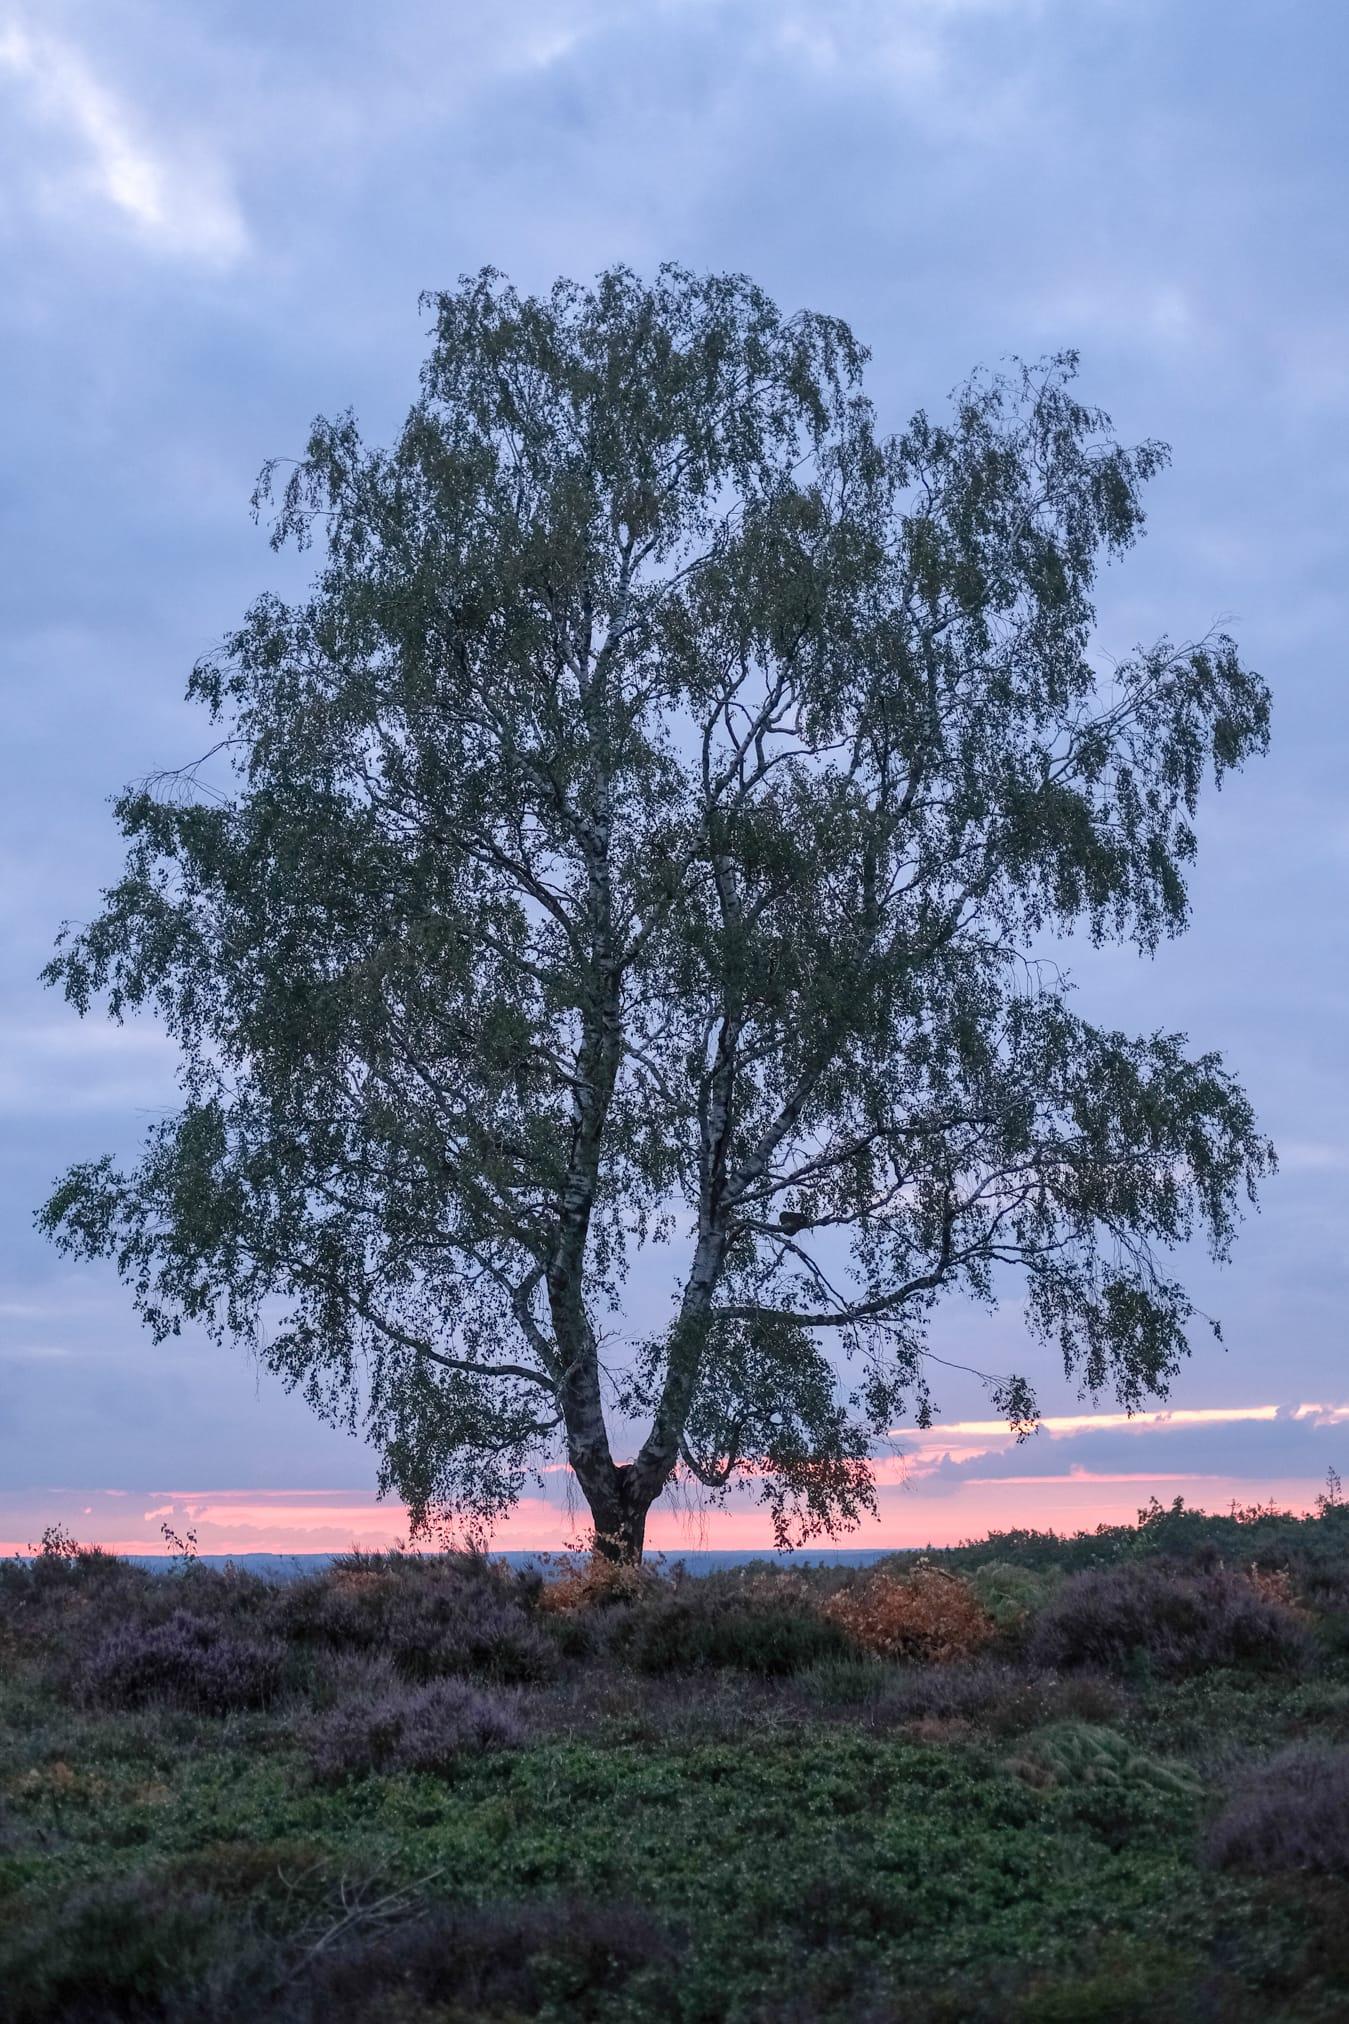 schemerwandeling staatsbosbeheer sallandse heuvelrug